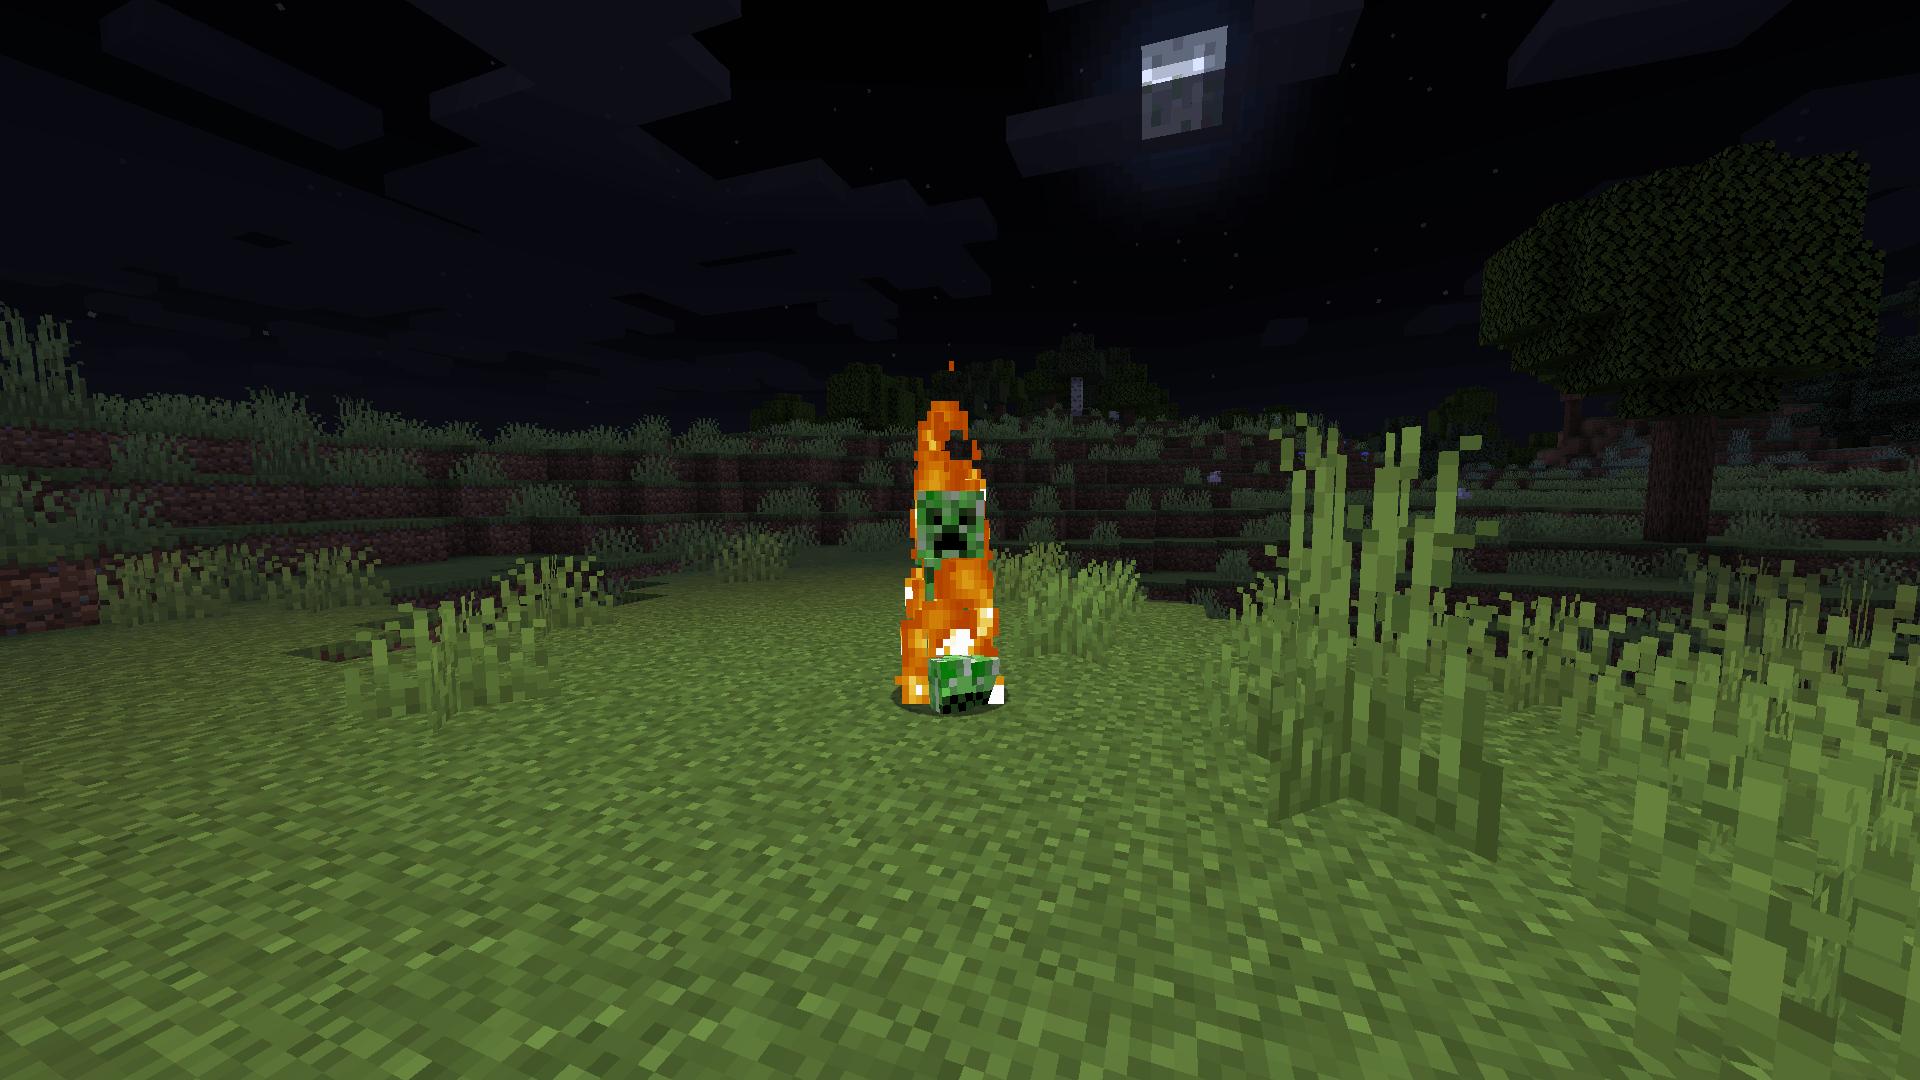 Burning Creeper